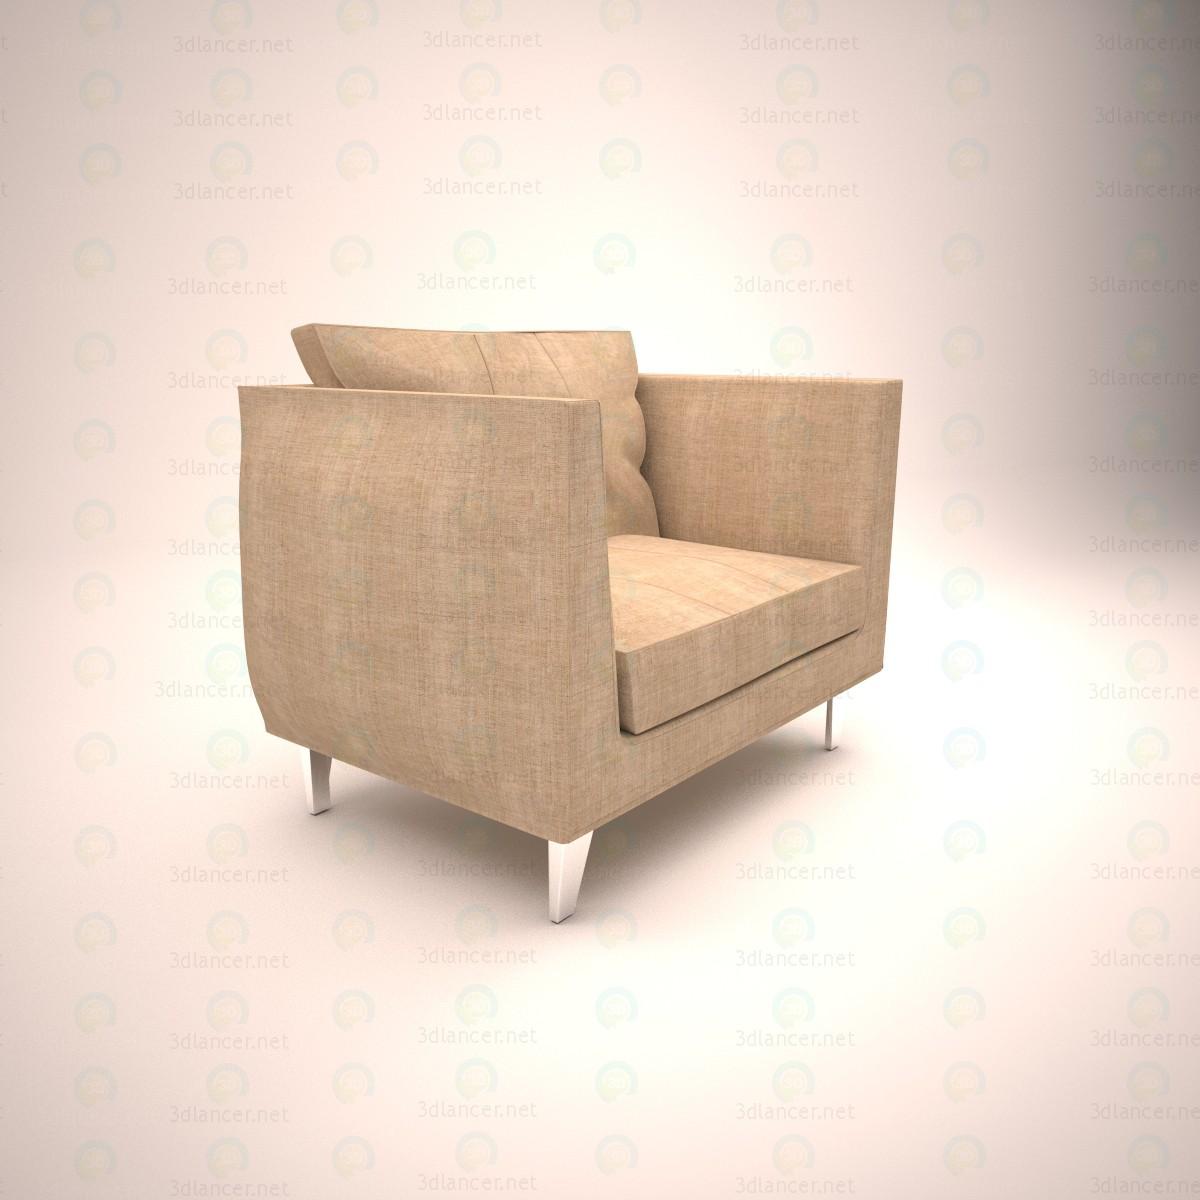 Silla para sala de estar 3D modelo Compro - render